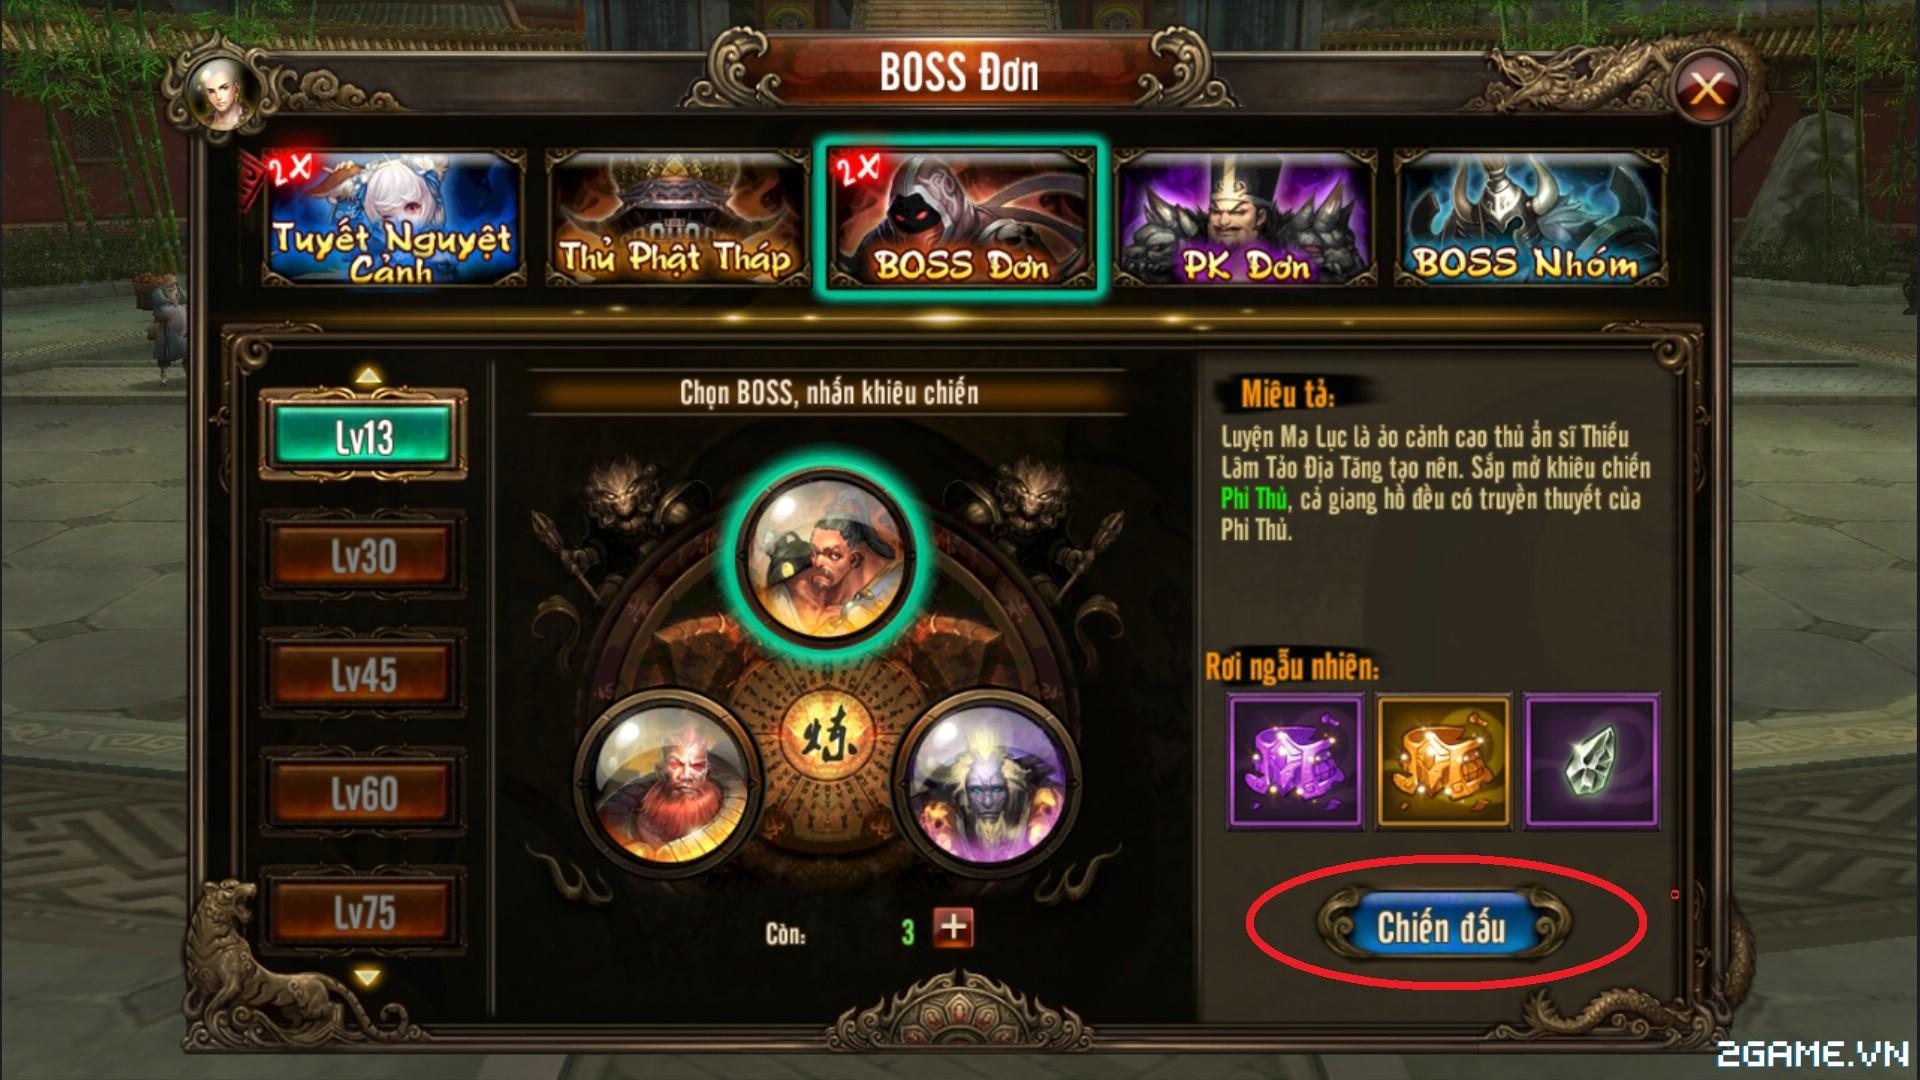 Kungfu Chi Vương - Tìm hiểu Boss Đơn 2